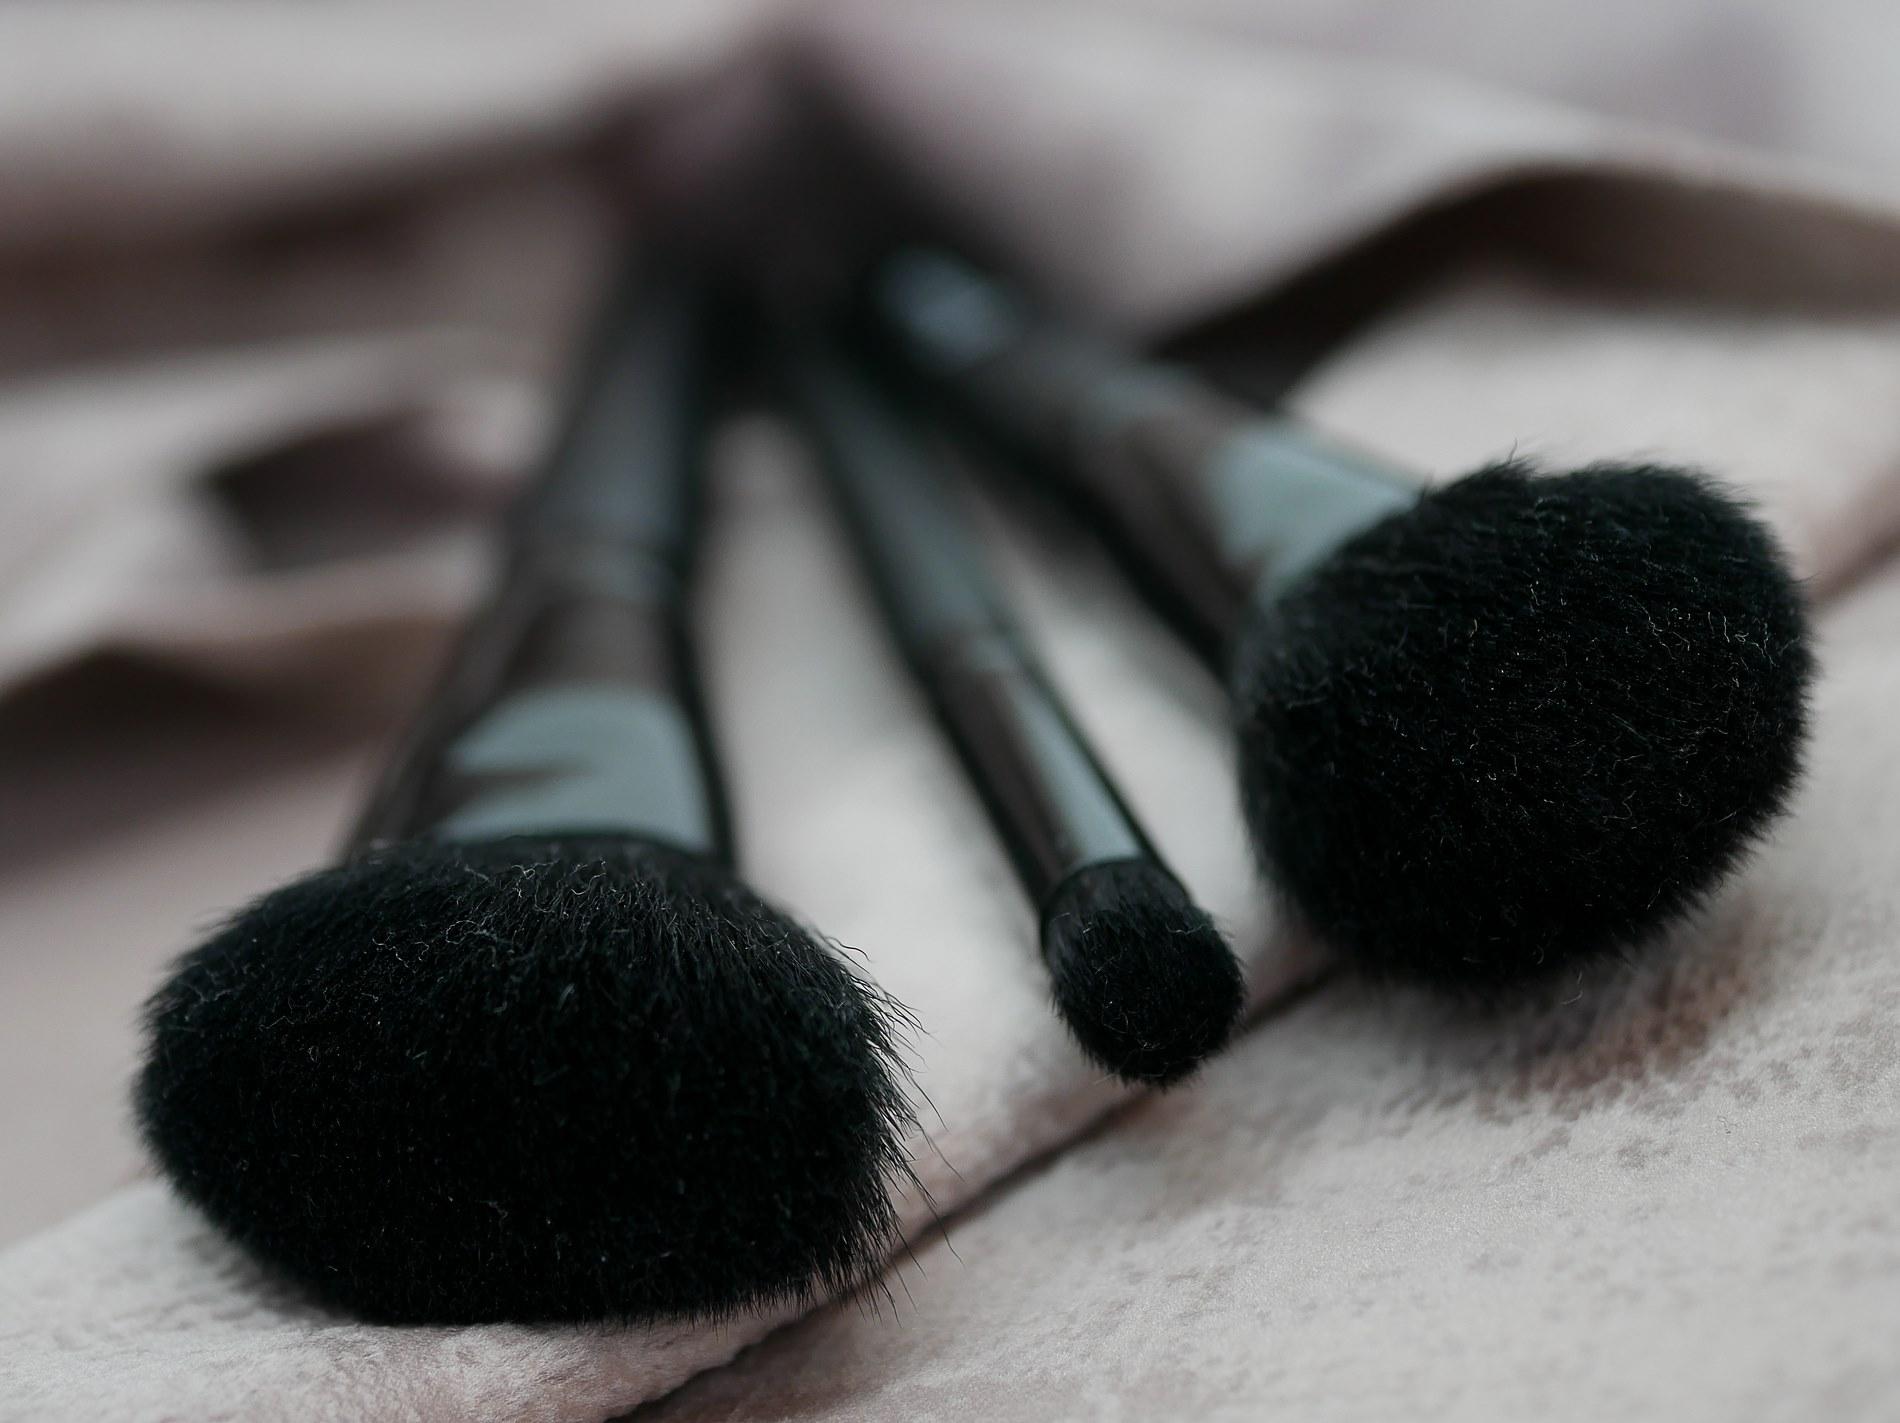 pinceaux make-up - juliesliberties